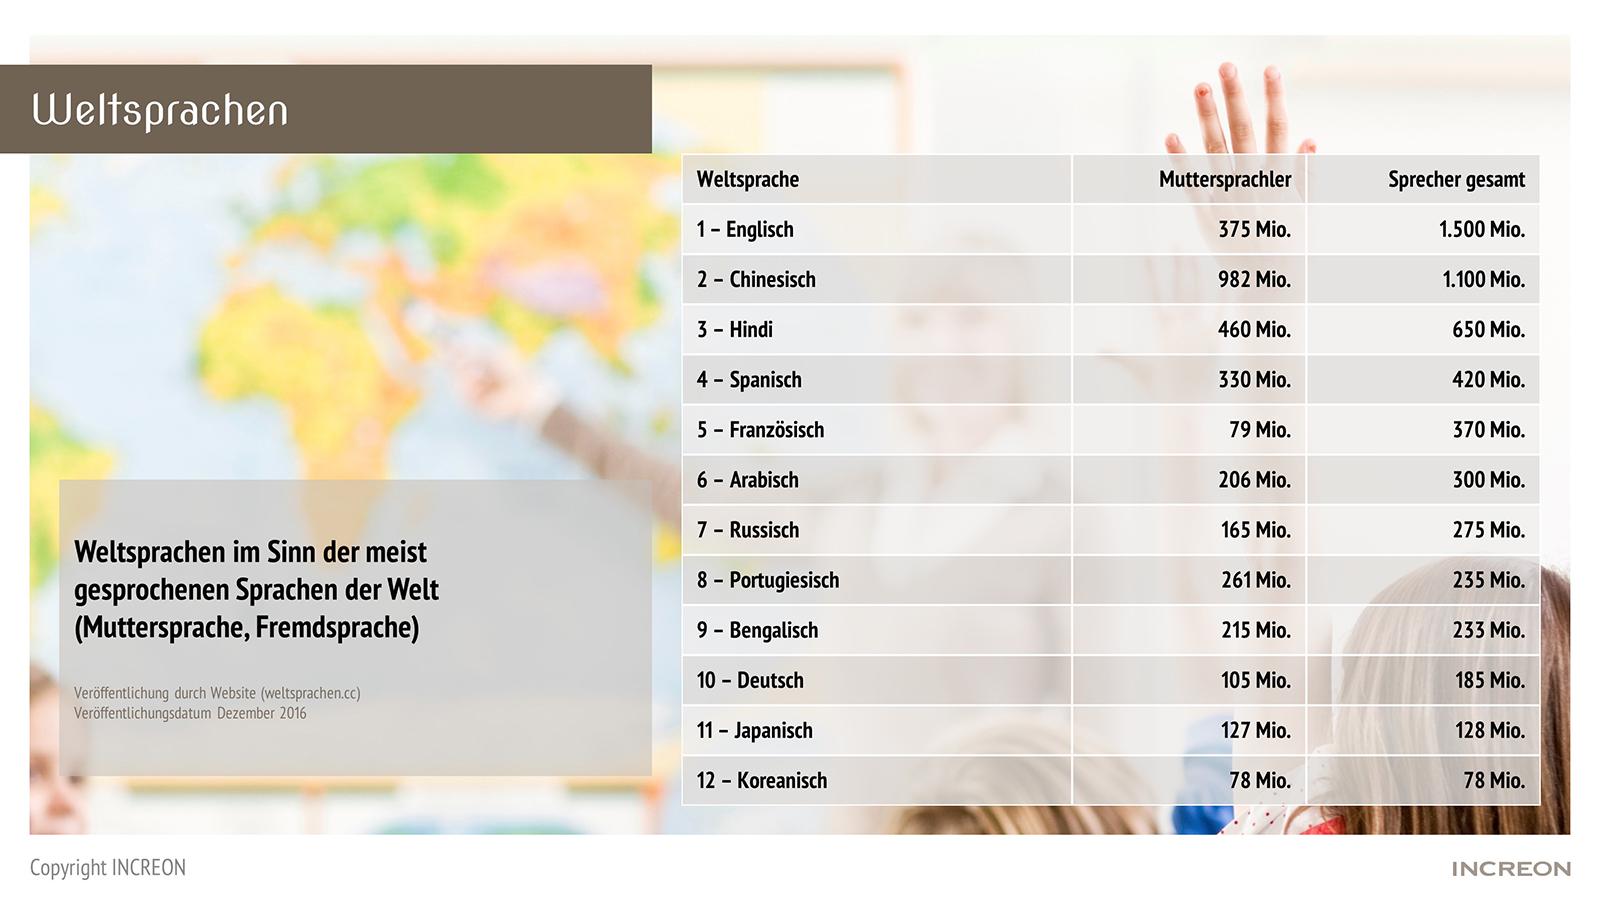 Tabelle mit den Wichtigsten Weltsprachen. Die Top 12 sind Englisch, Chinesisch, Hindi, Spanisch, Französisch, Arabisch, Russisch, Portugiesisch, Bengalisch, Deutsch, Japanisch und Koreanisch.